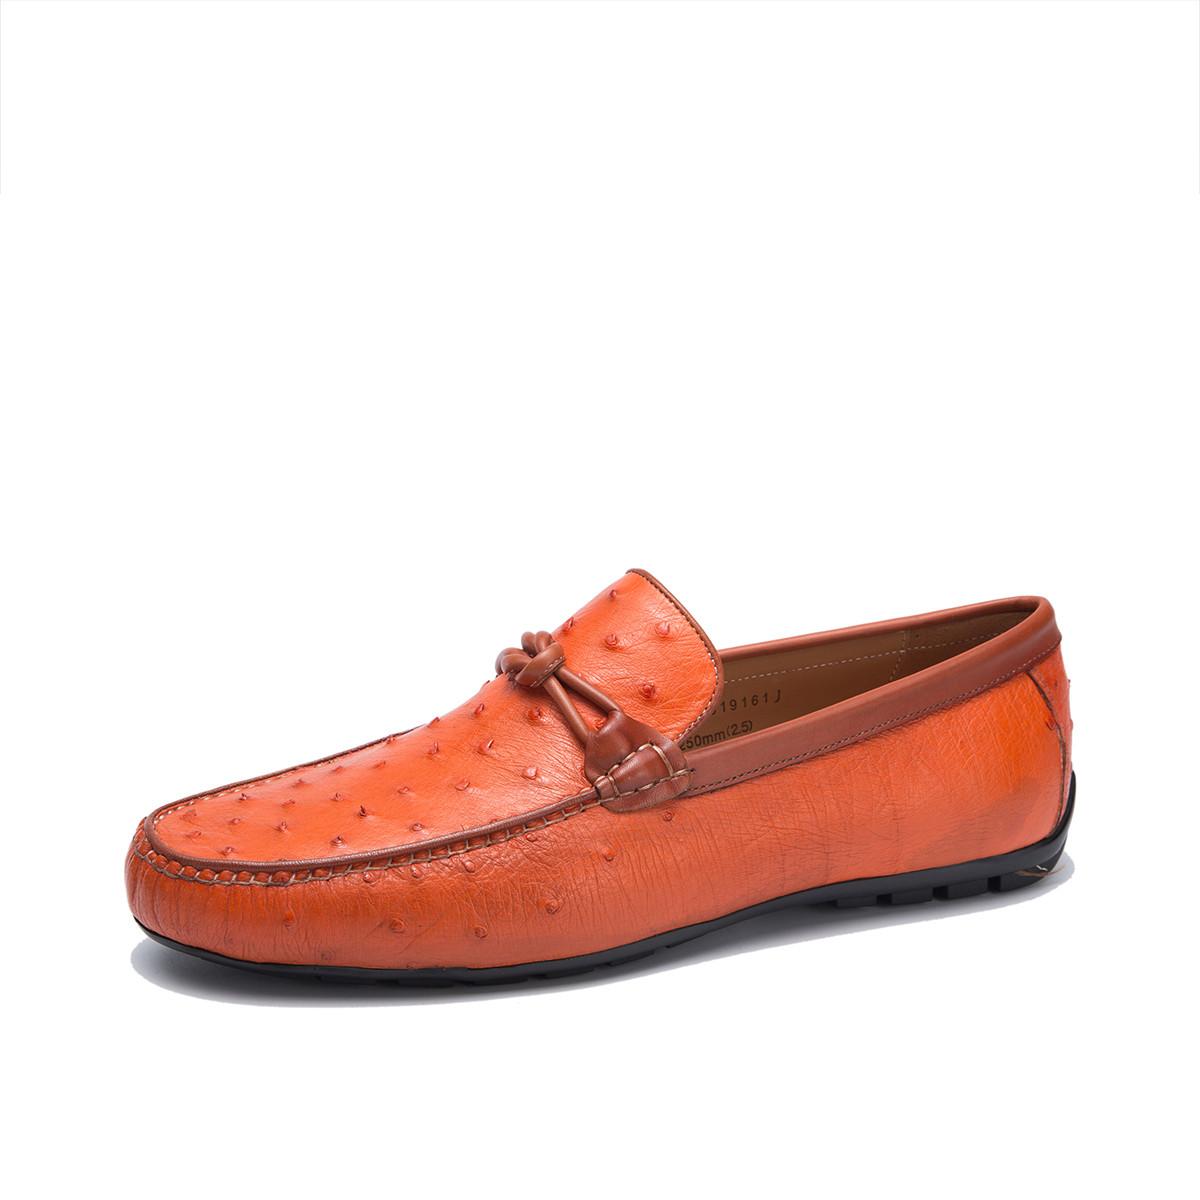 迪宝·阿治奥2019新款 擦色真鸵鸟皮男士豆豆鞋男士商务皮鞋男士皮鞋DJ1A2019161J